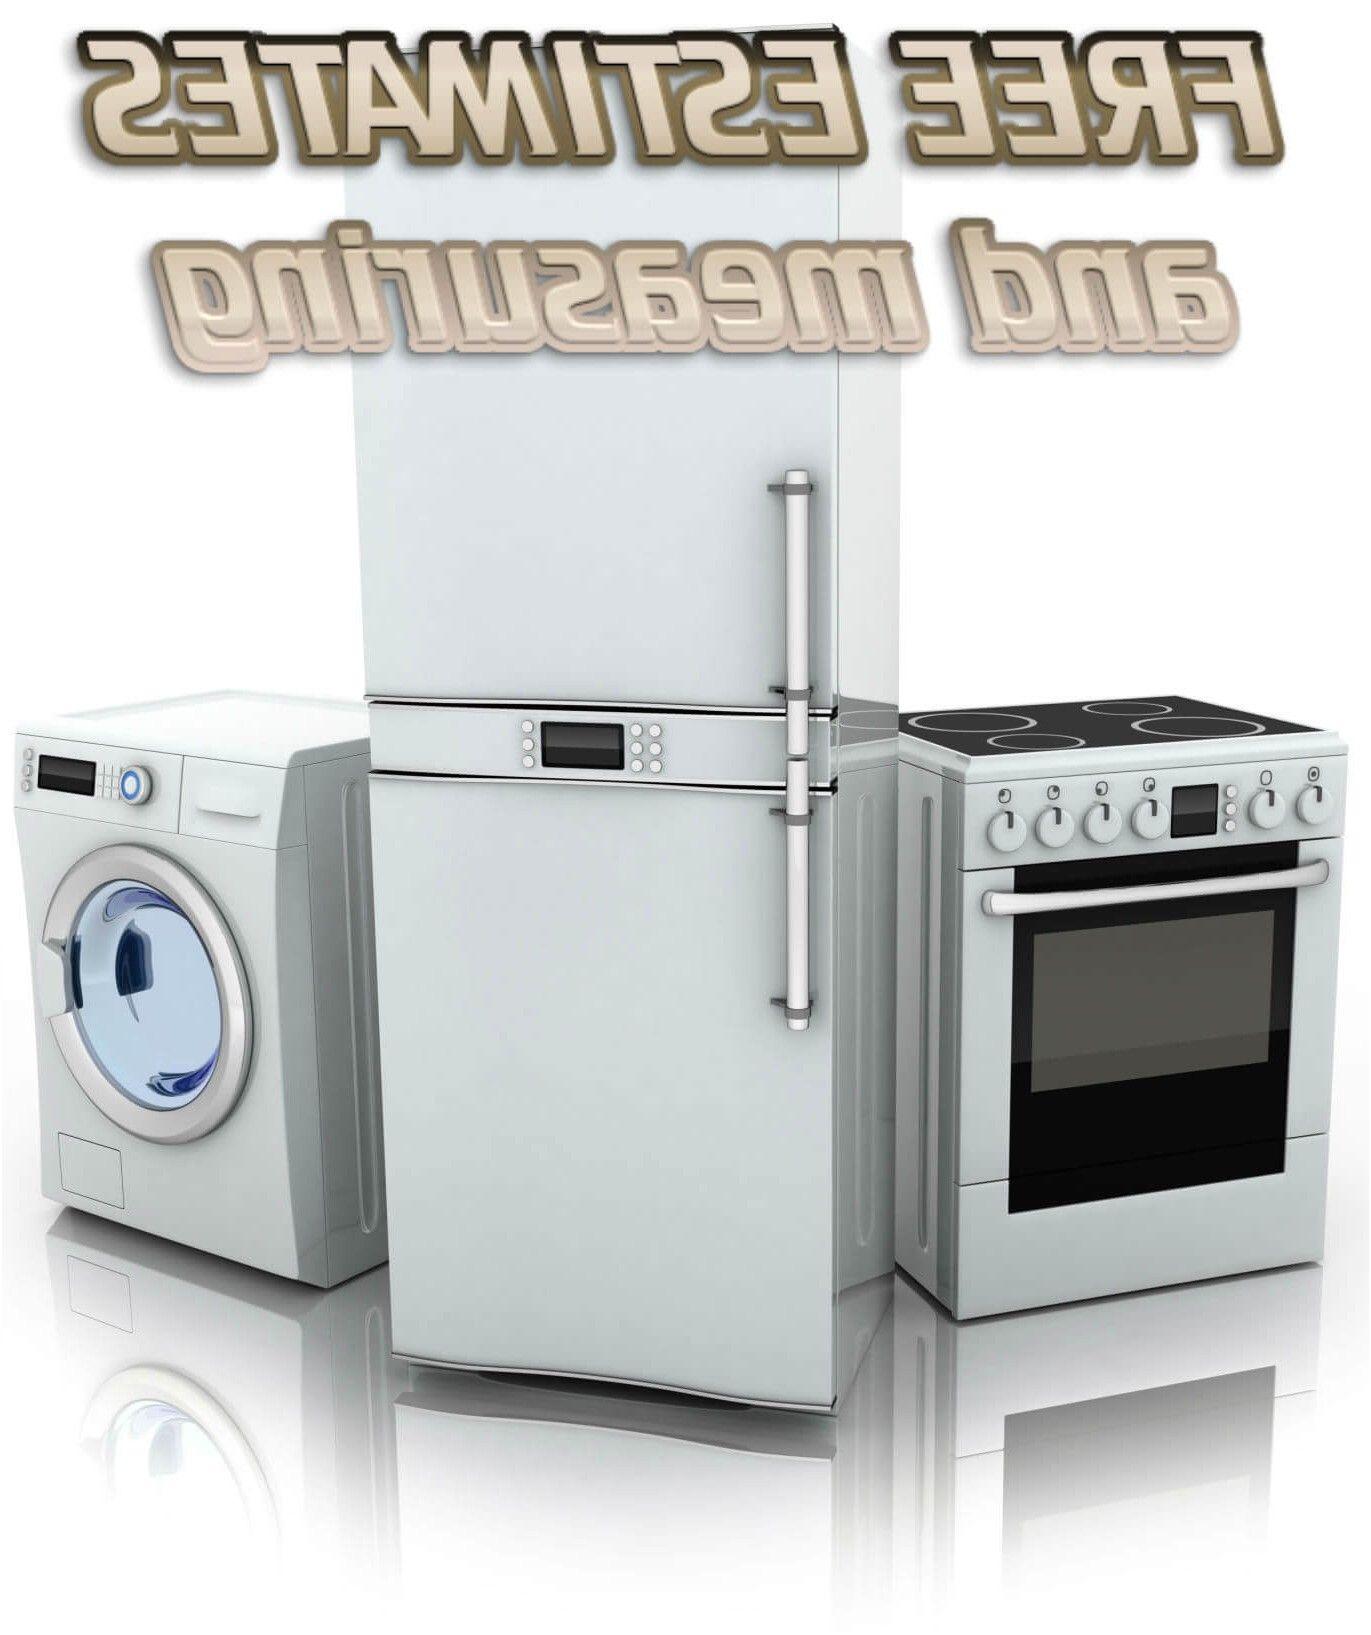 kitchen appliance installation service sydney kitchen appliances ...